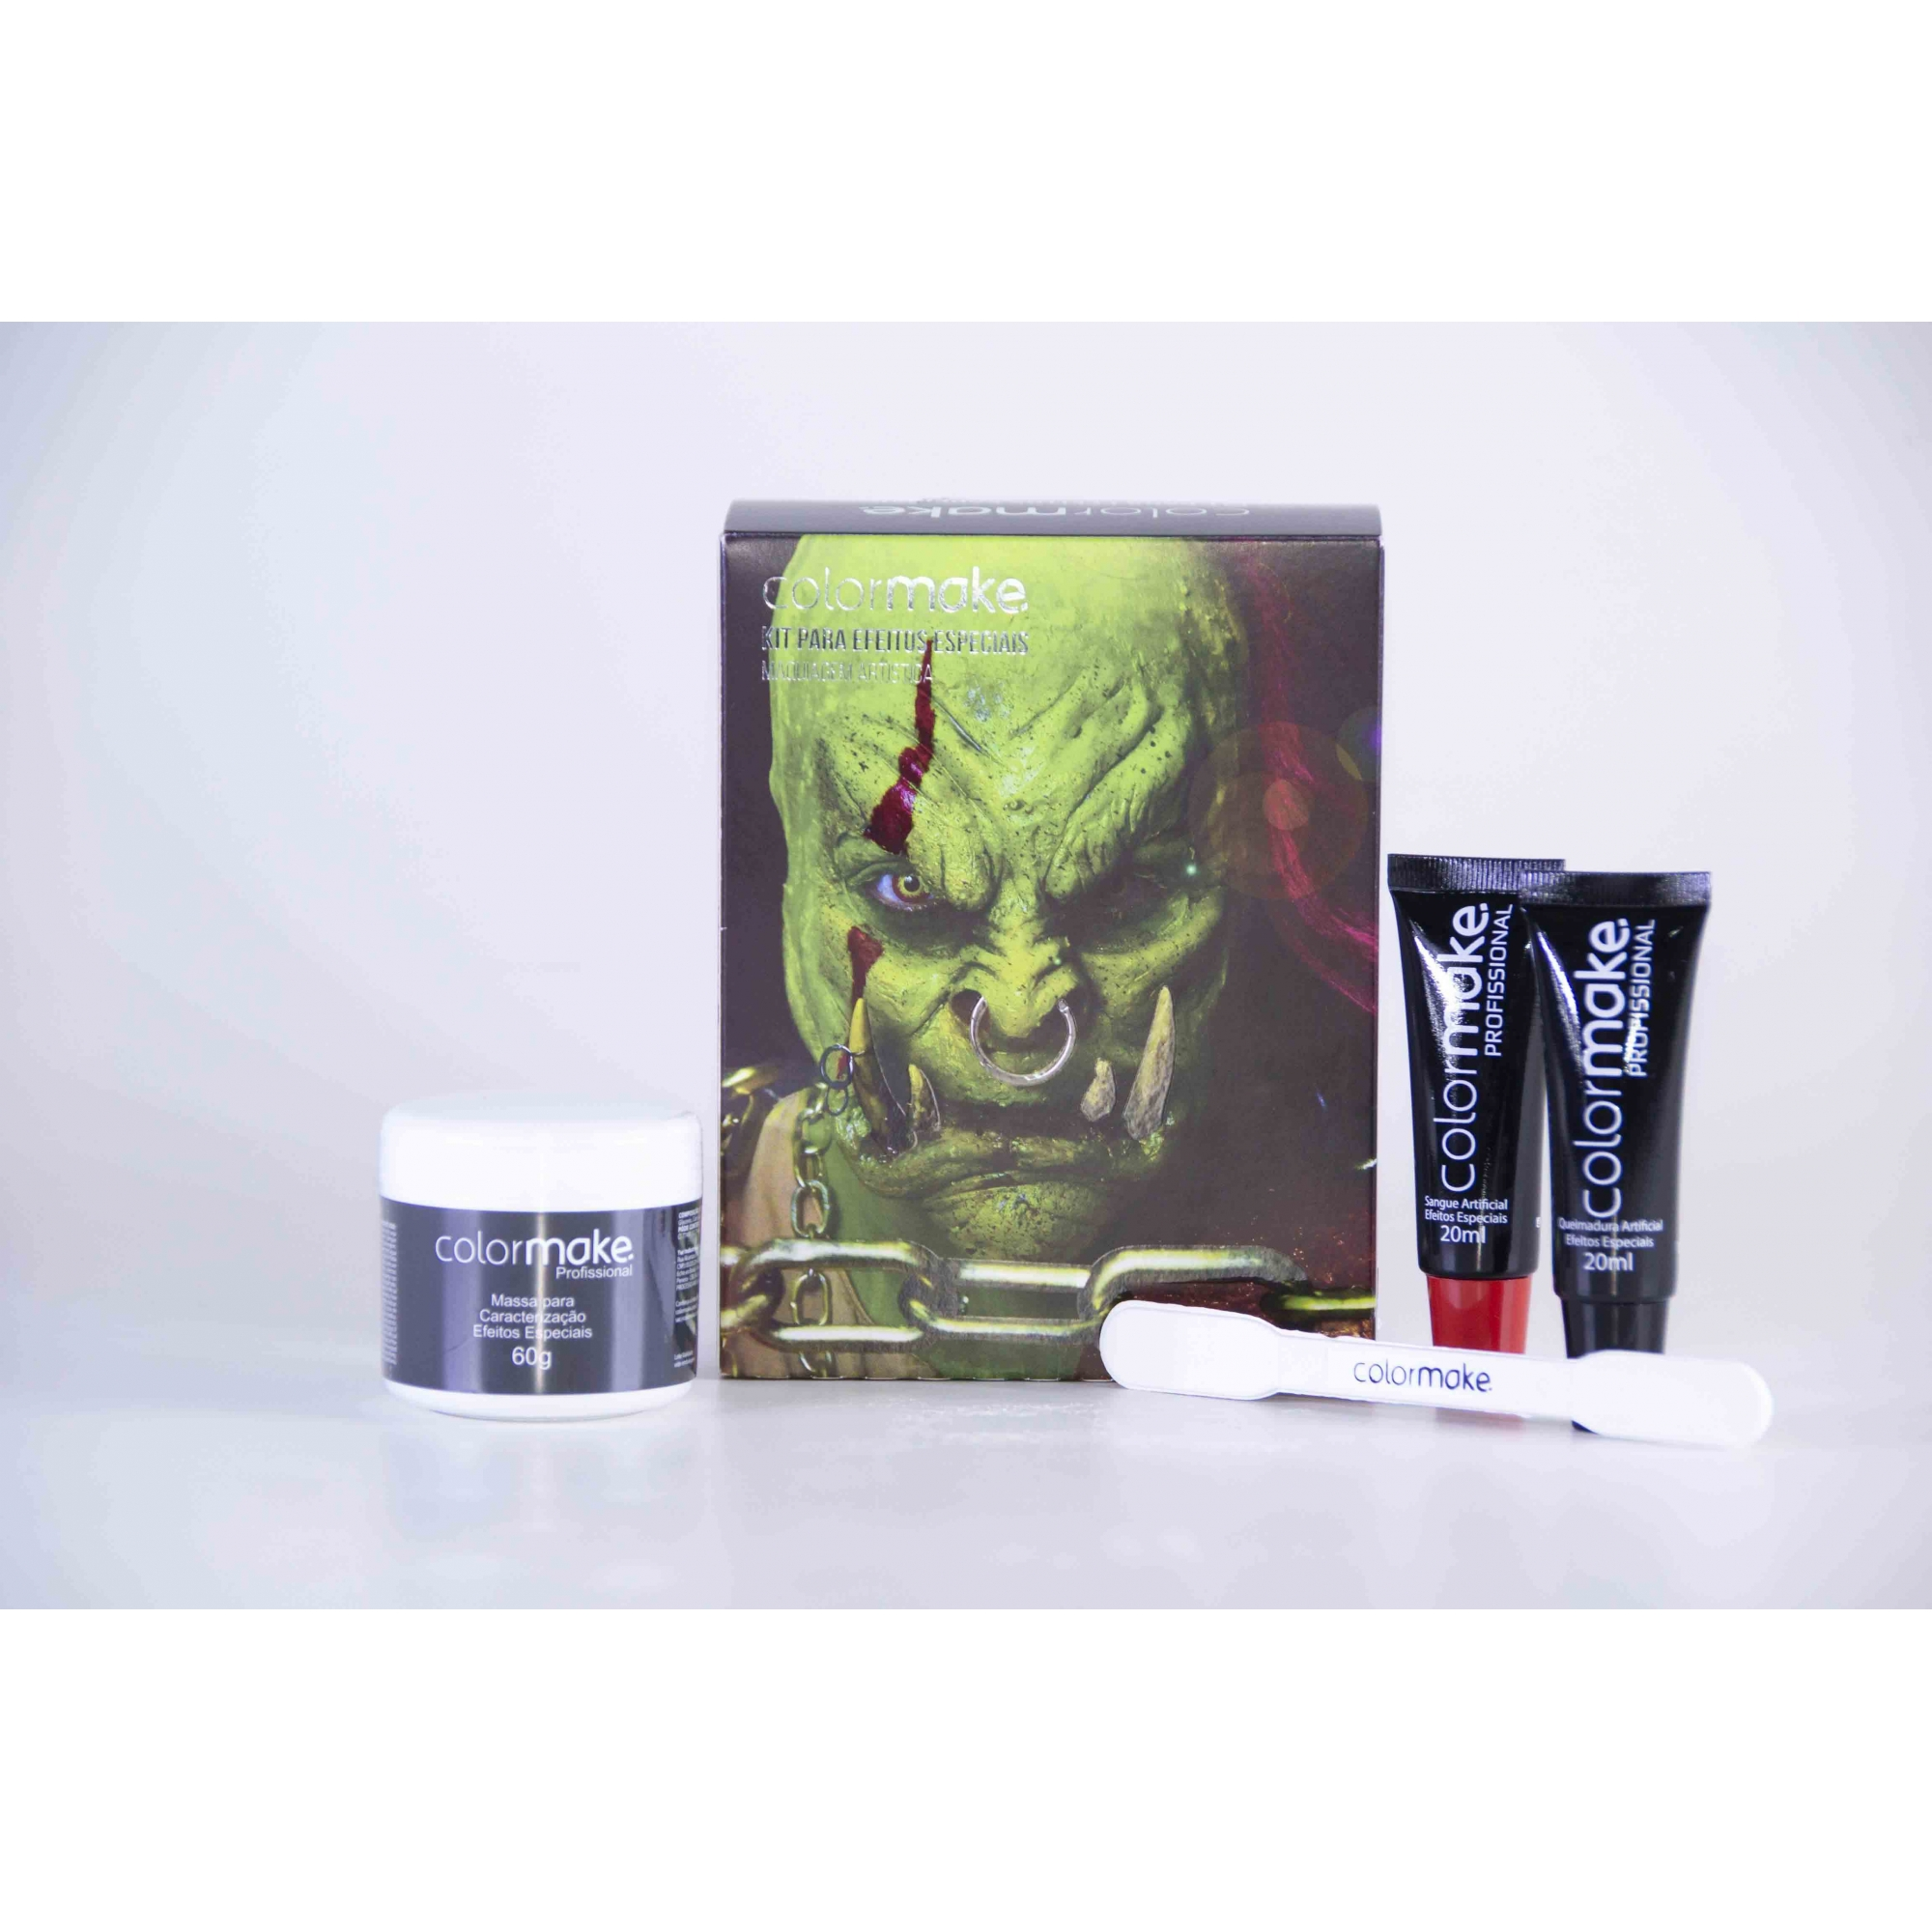 Kit para efeitos especiais maquiagem artistica - colormake